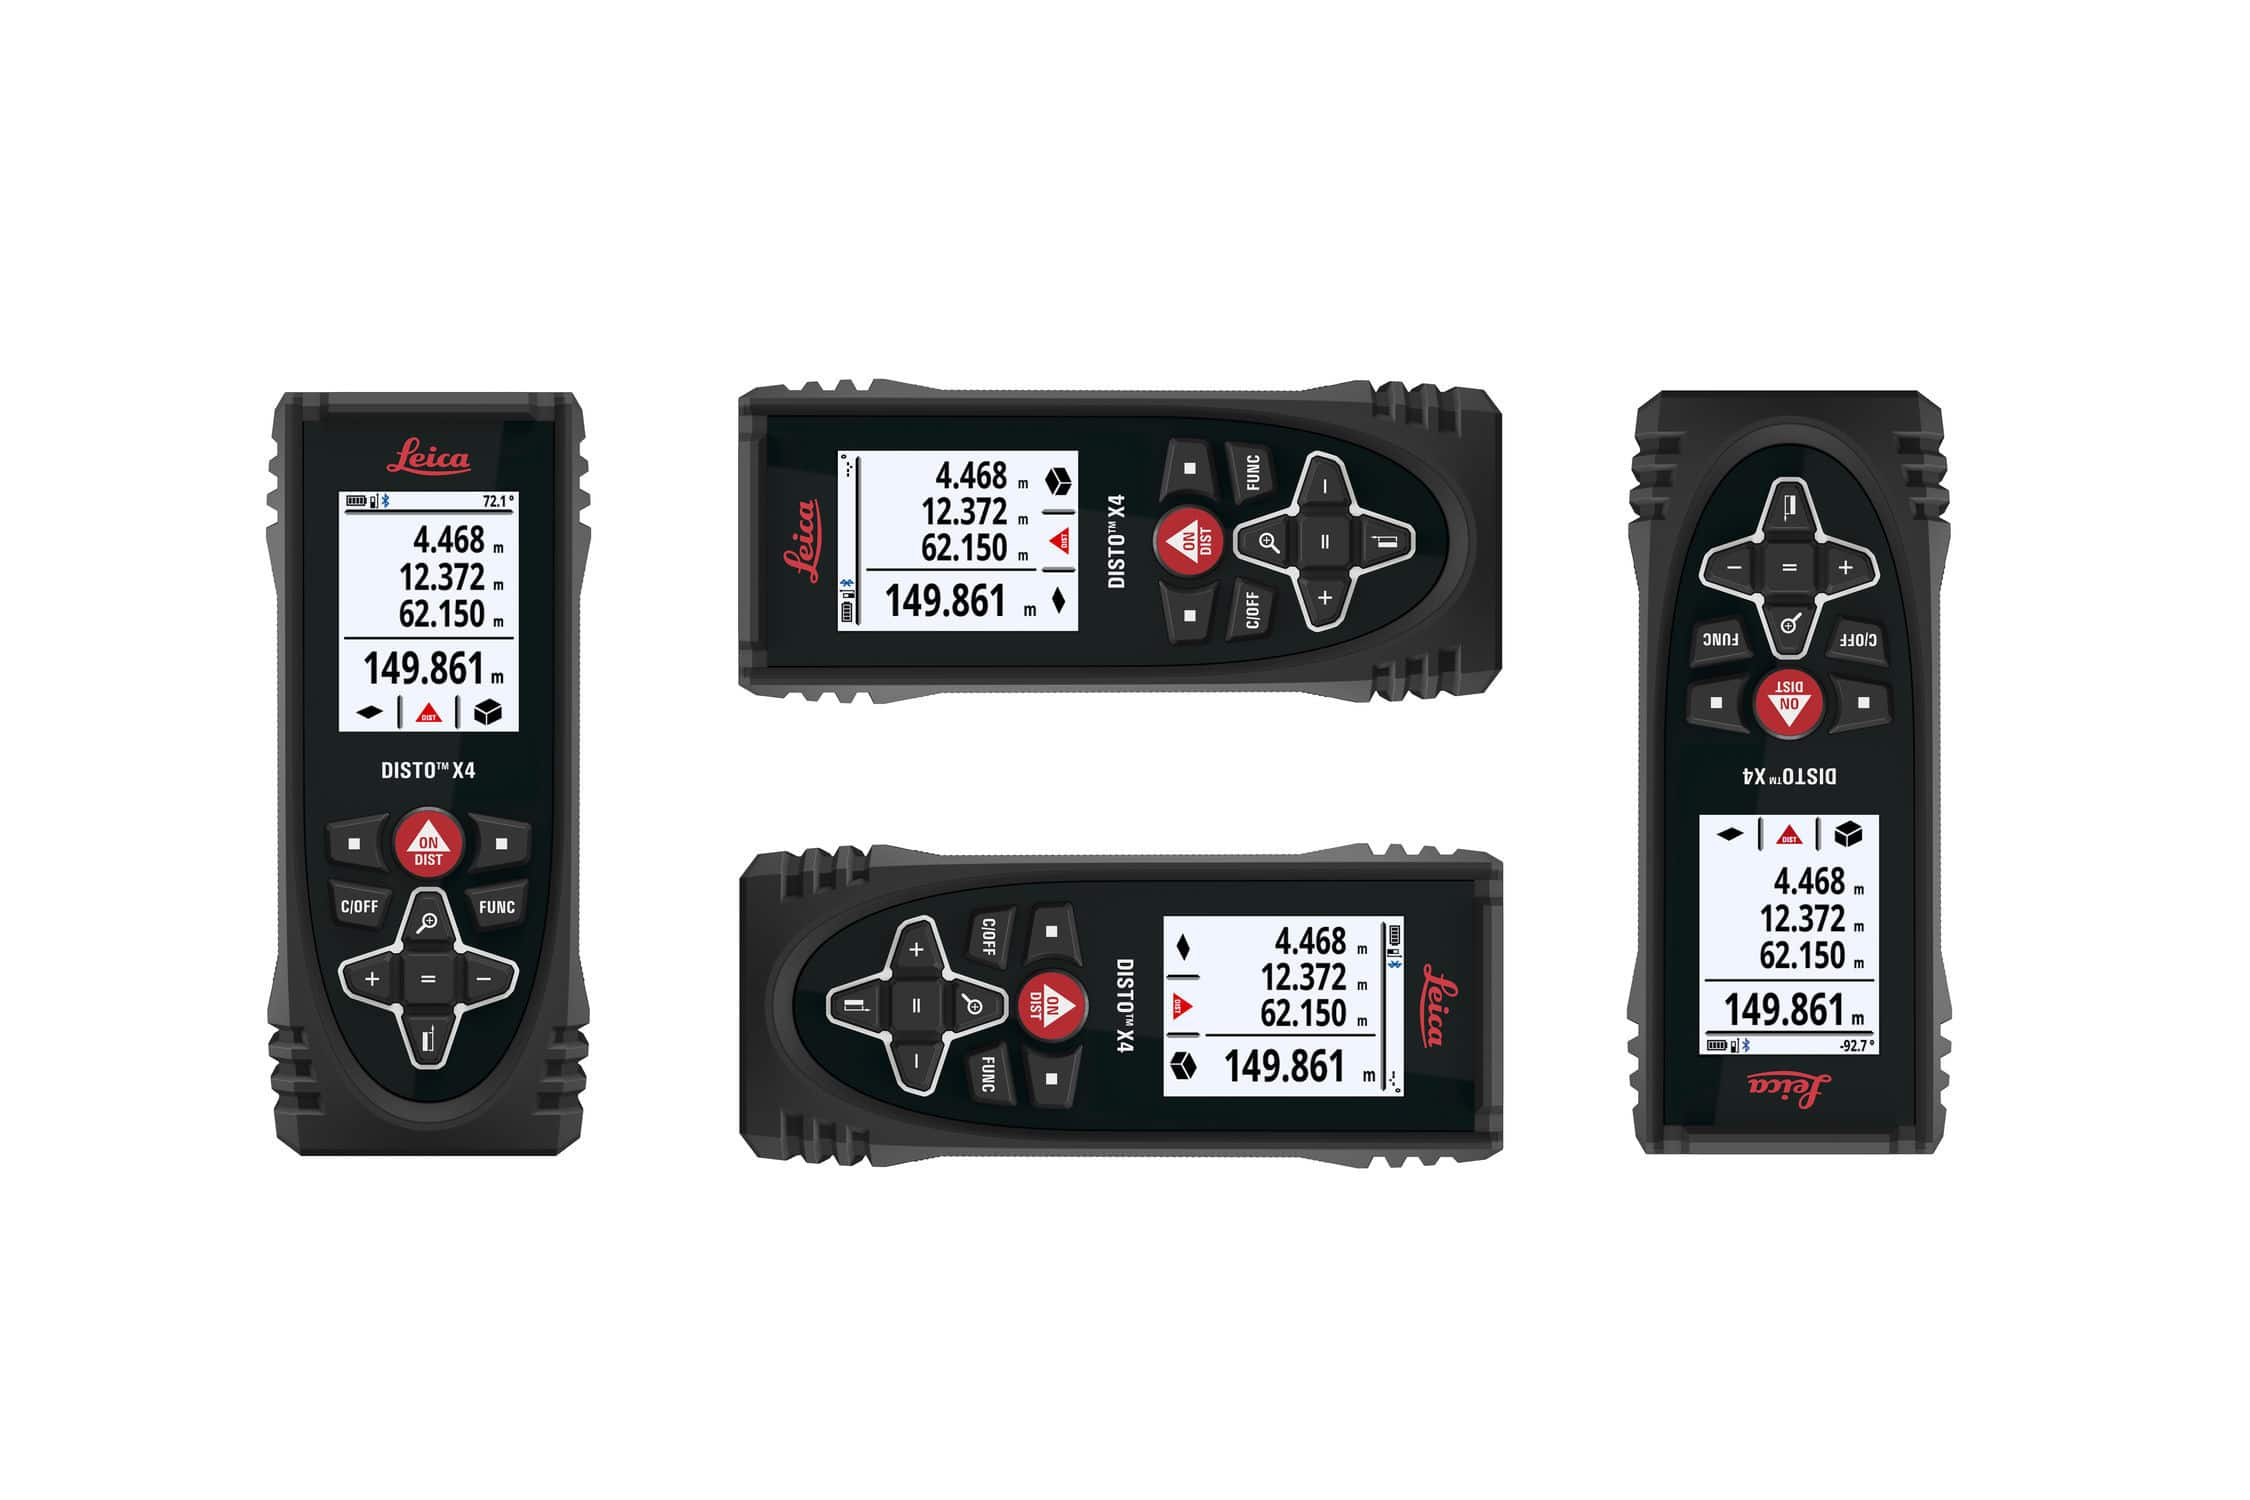 Leica Entfernungsmesser App : Bosch glm c test des entfernungsmessers für aussen dank kamera